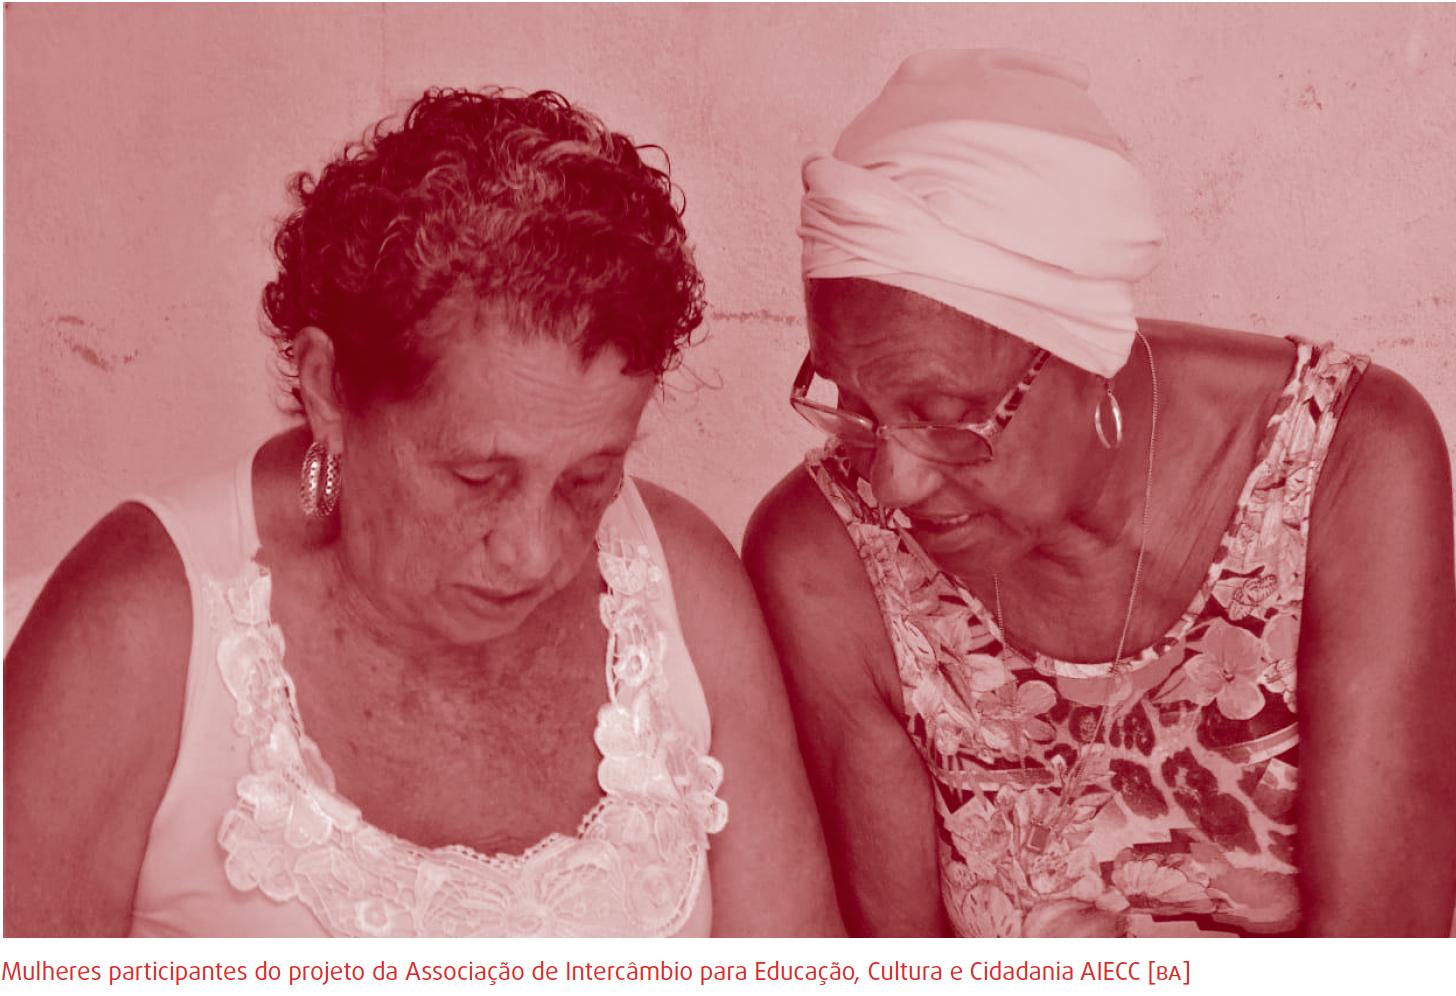 """Associação de Intercâmbio para Educação, Cultura e Cidadania AIECC (BA) - """"O poder feminino"""""""